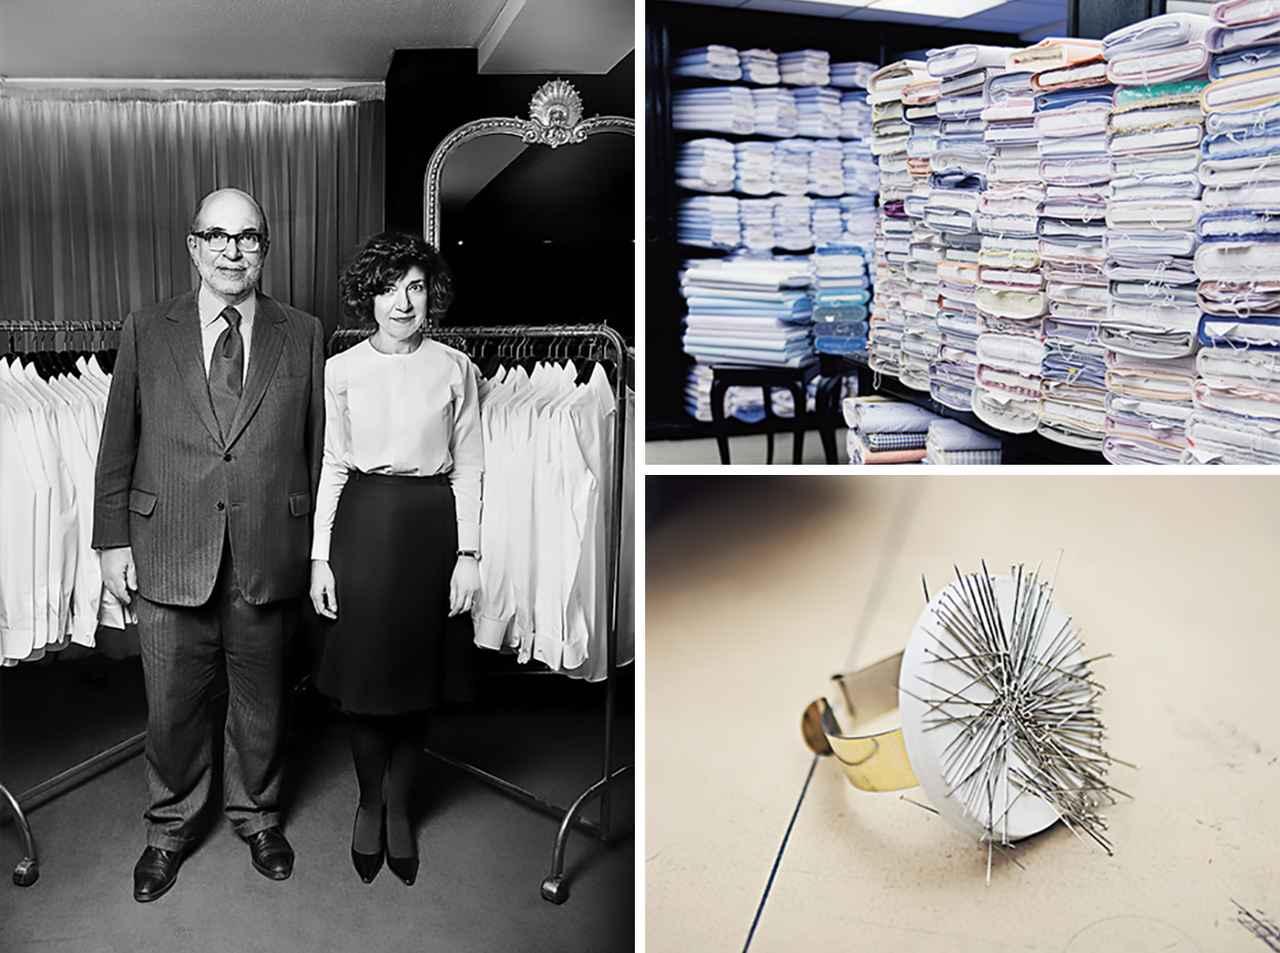 Images : 3番目の画像 - 「大統領を顧客に持つシャツ・メーカー、 シャルヴェの伝説のシャツを オーダーしてみた」のアルバム - T JAPAN:The New York Times Style Magazine 公式サイト